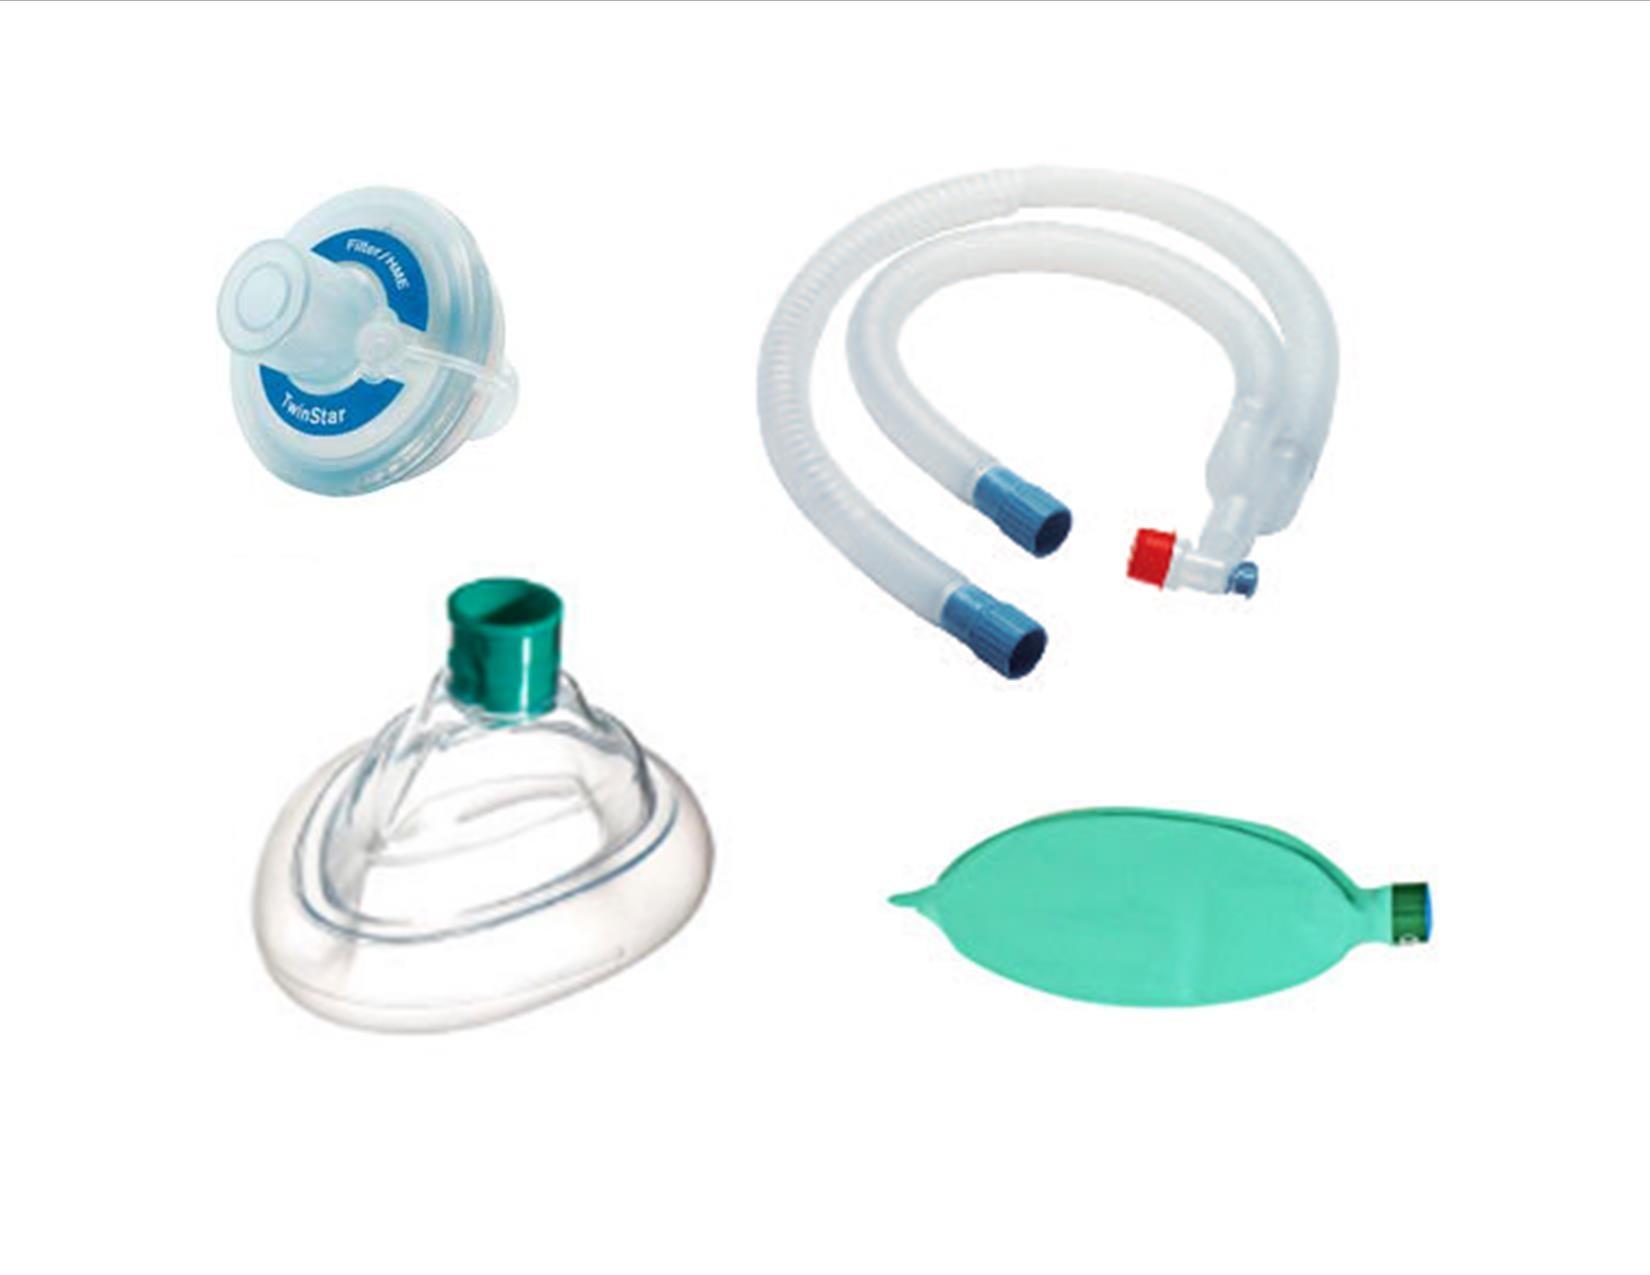 Circuito Bain : Circuito de anestesia expandible vent set sin látex desechable